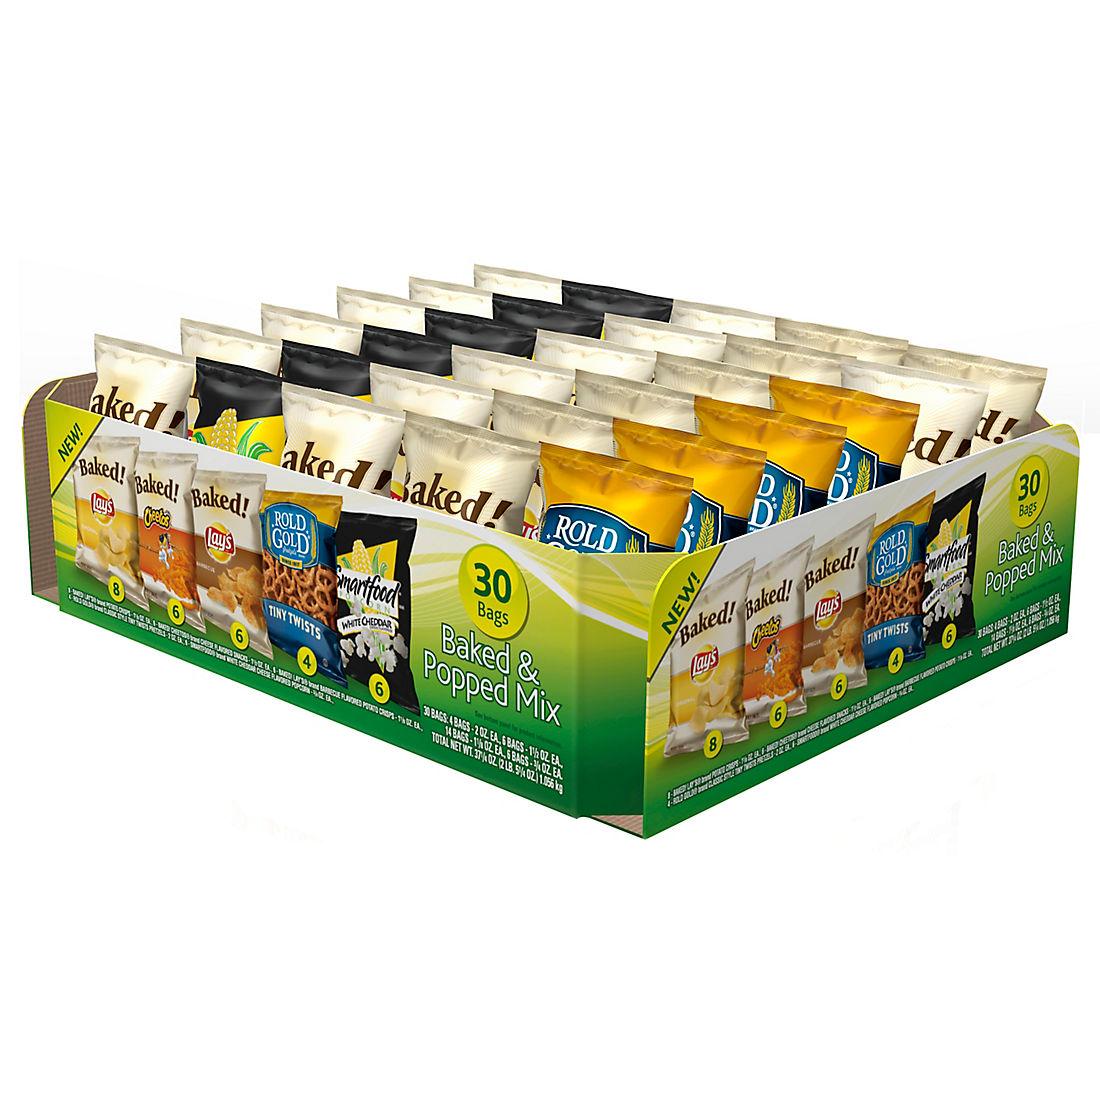 Frito-Lay Variety Pack, 30 ct